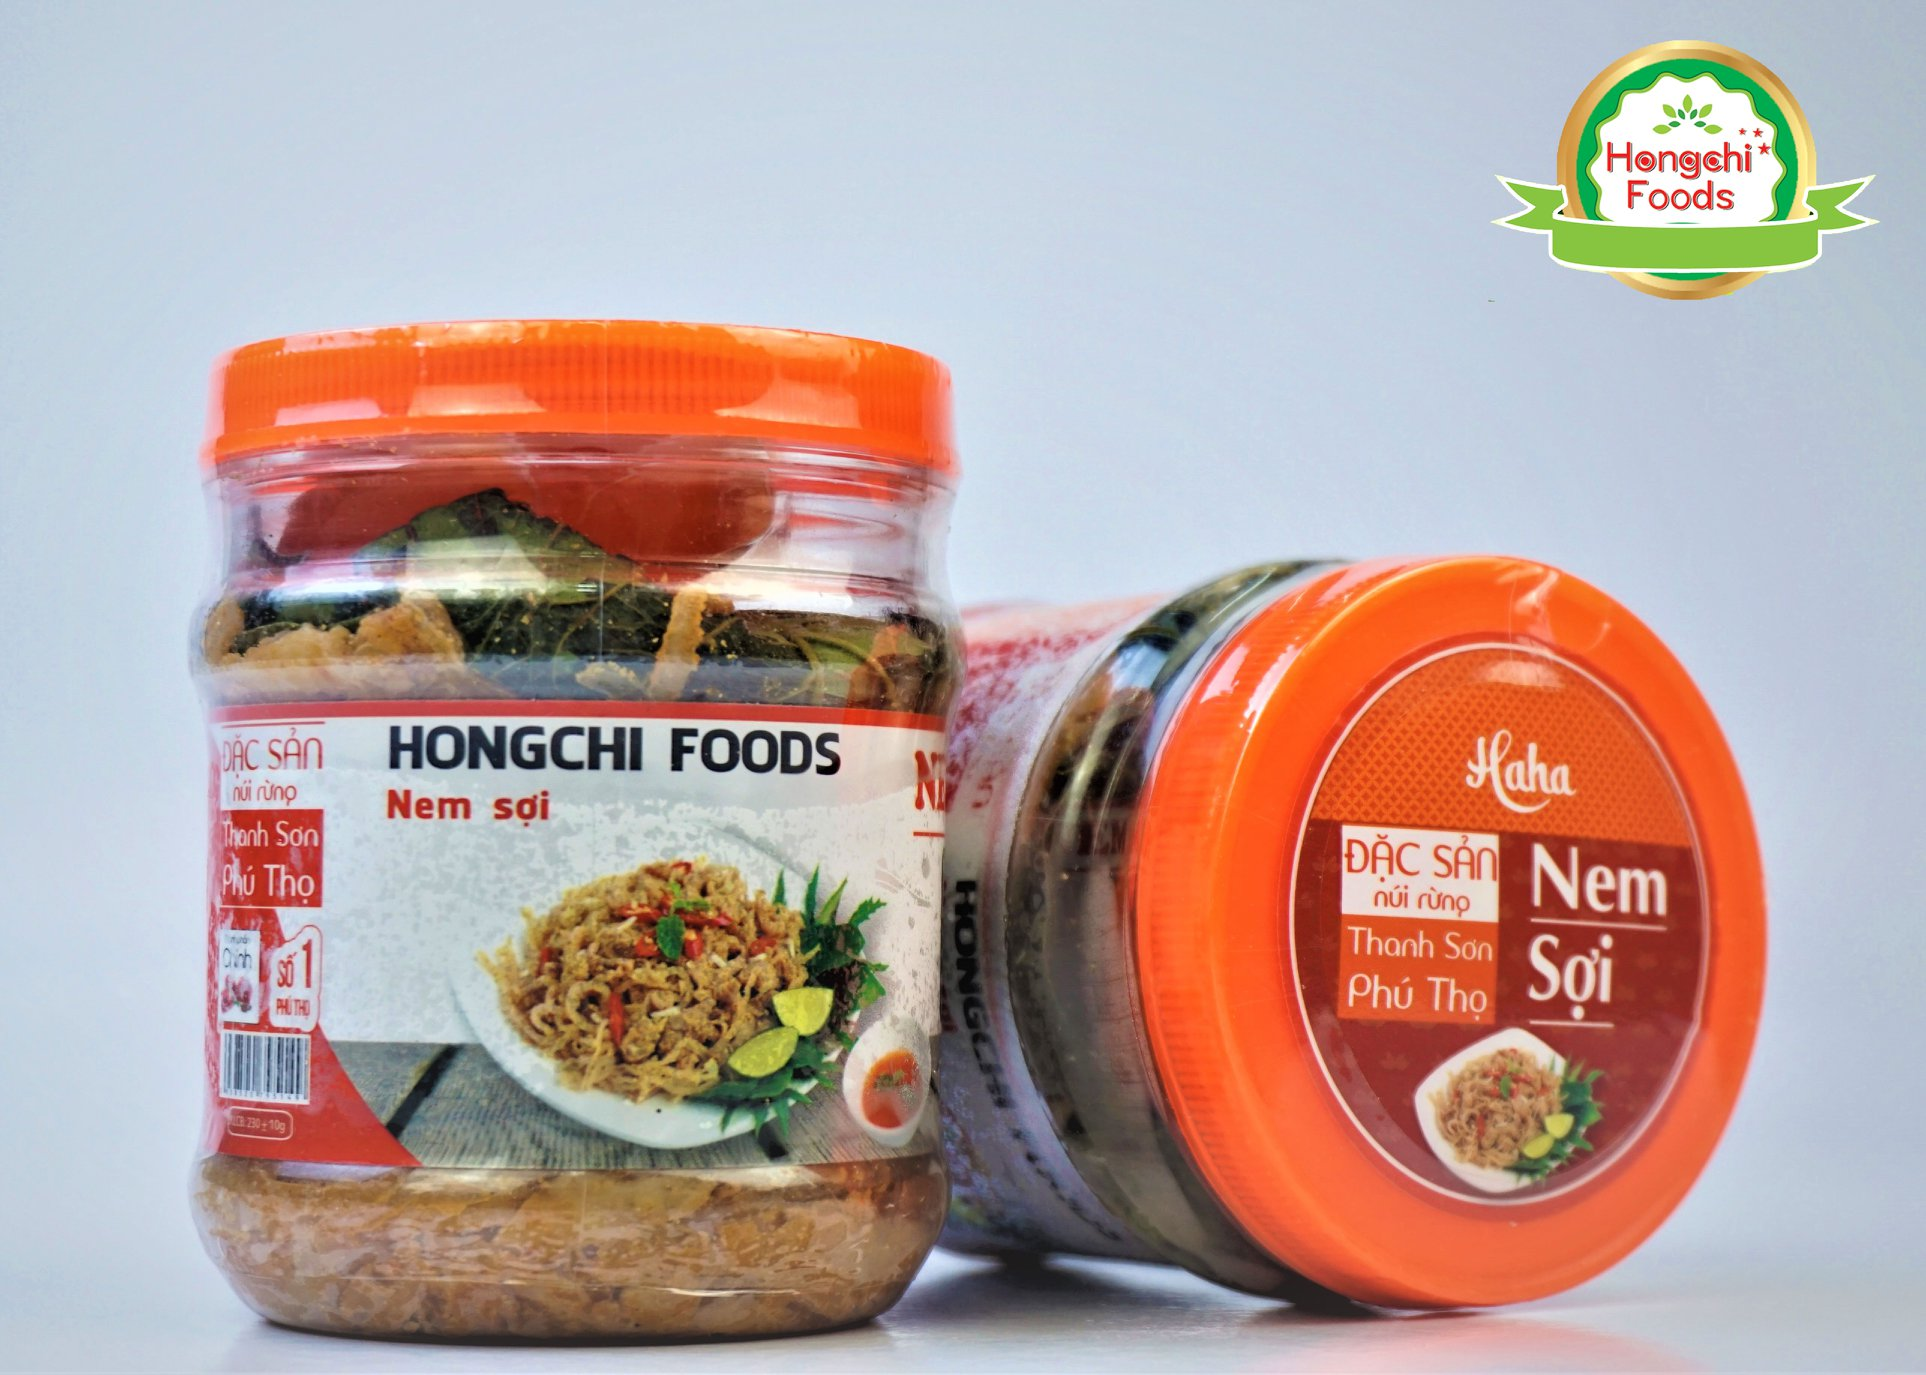 Nem sợi Hồng Chi Foods